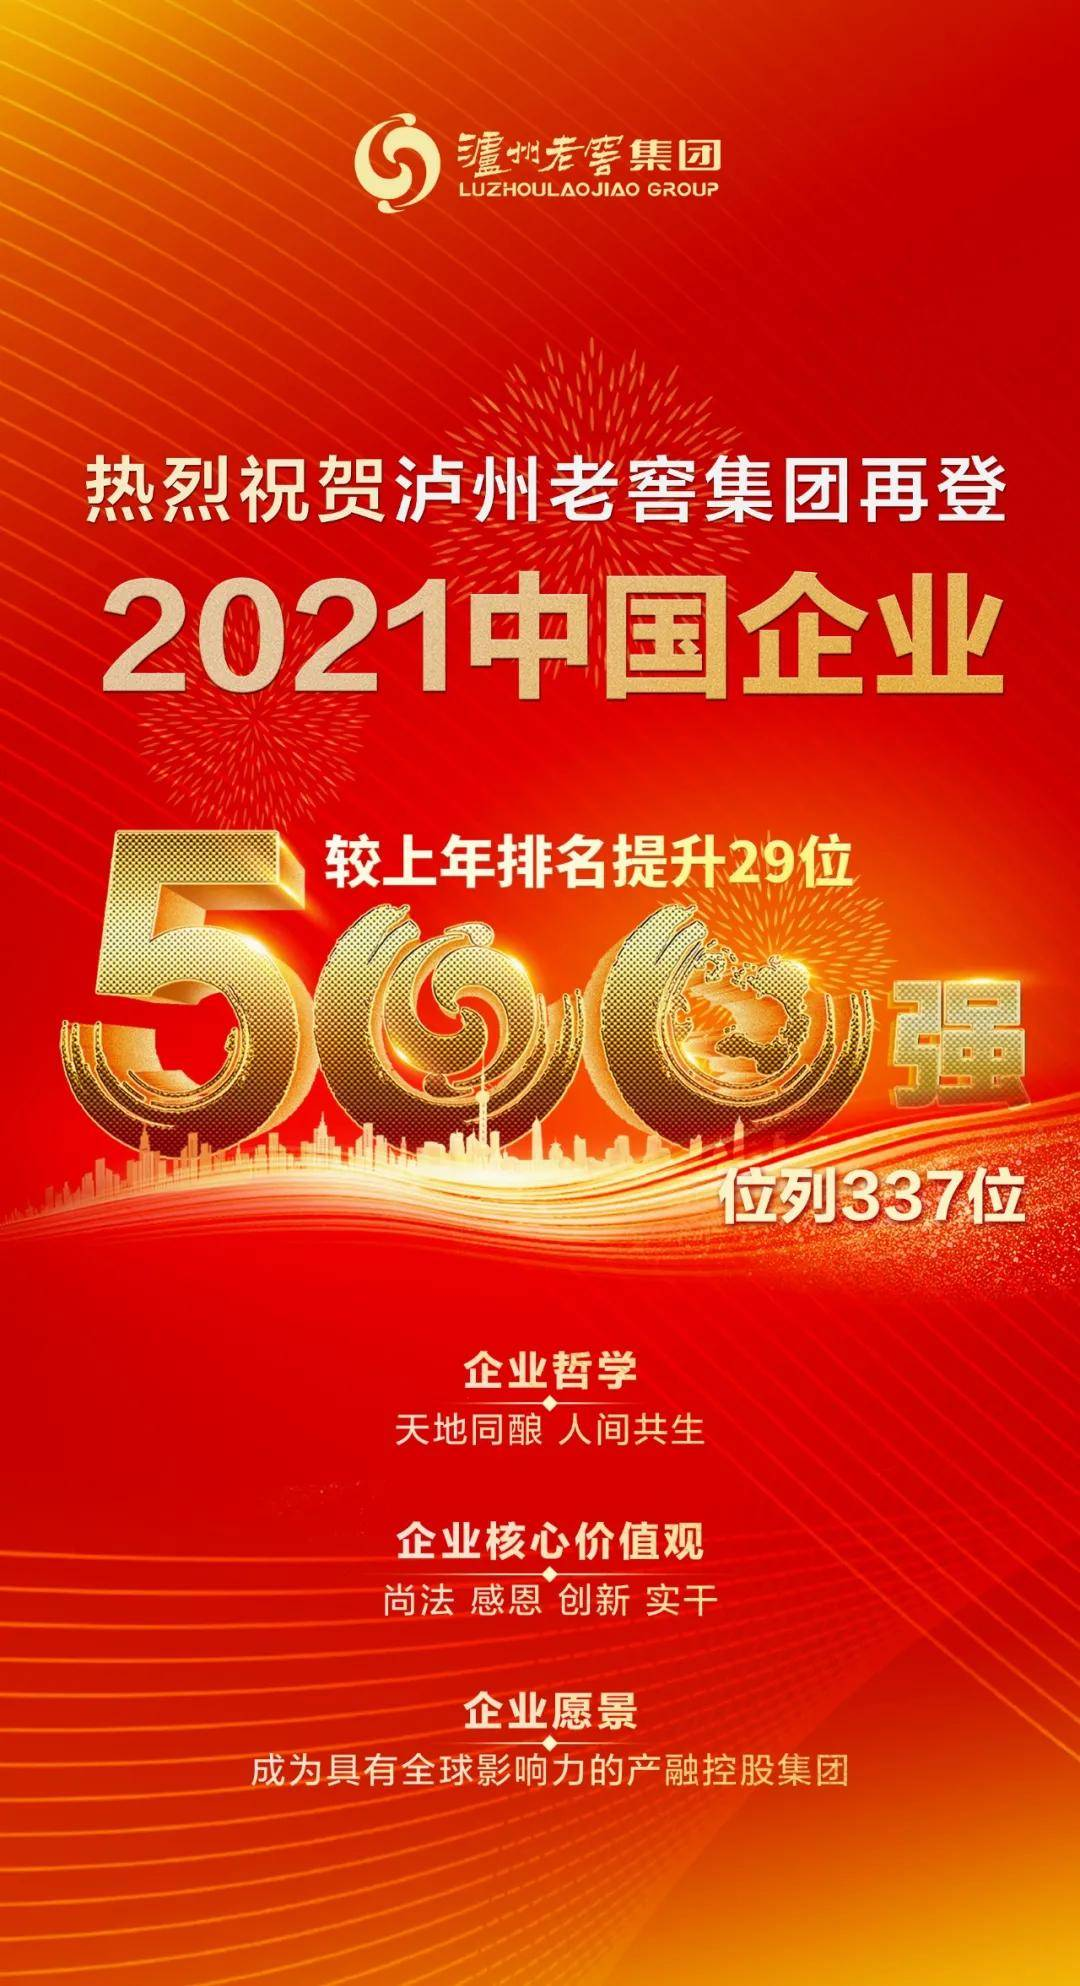 恭喜!泸州老窖集团再登2021中国企业500强榜单!